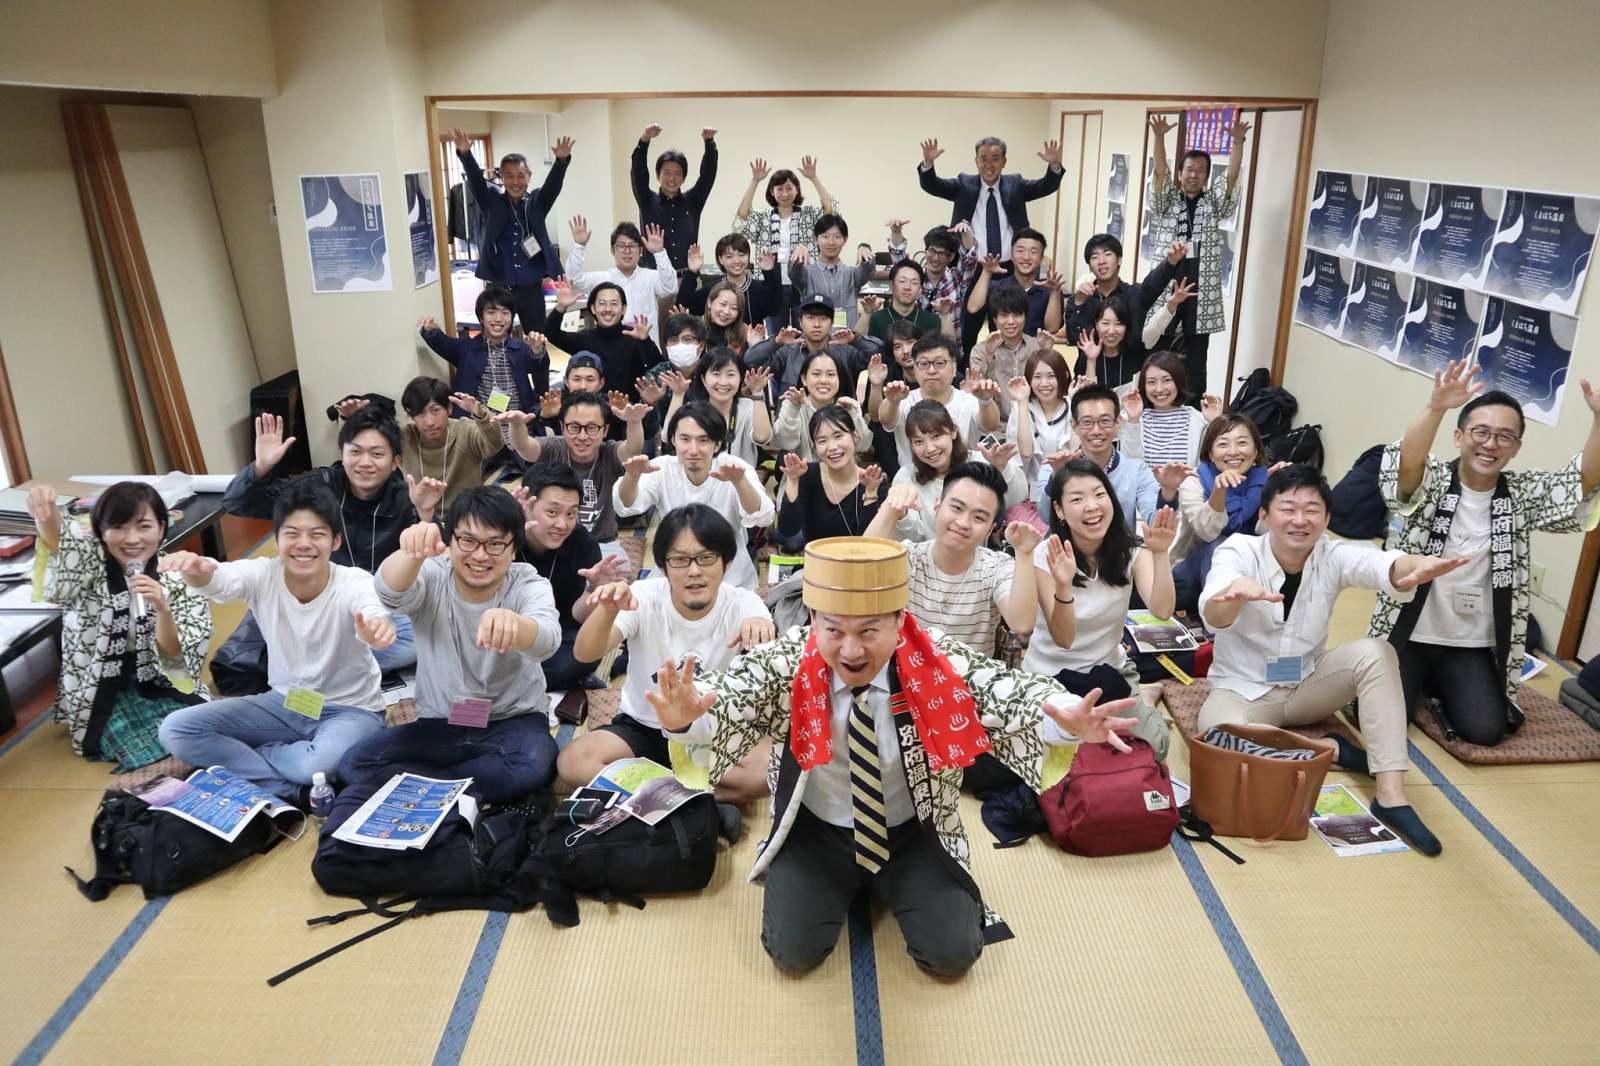 大塚さんが仕事で関わった、別府市の創業支援コミュニティ「くまはち温泉」活動時の様子